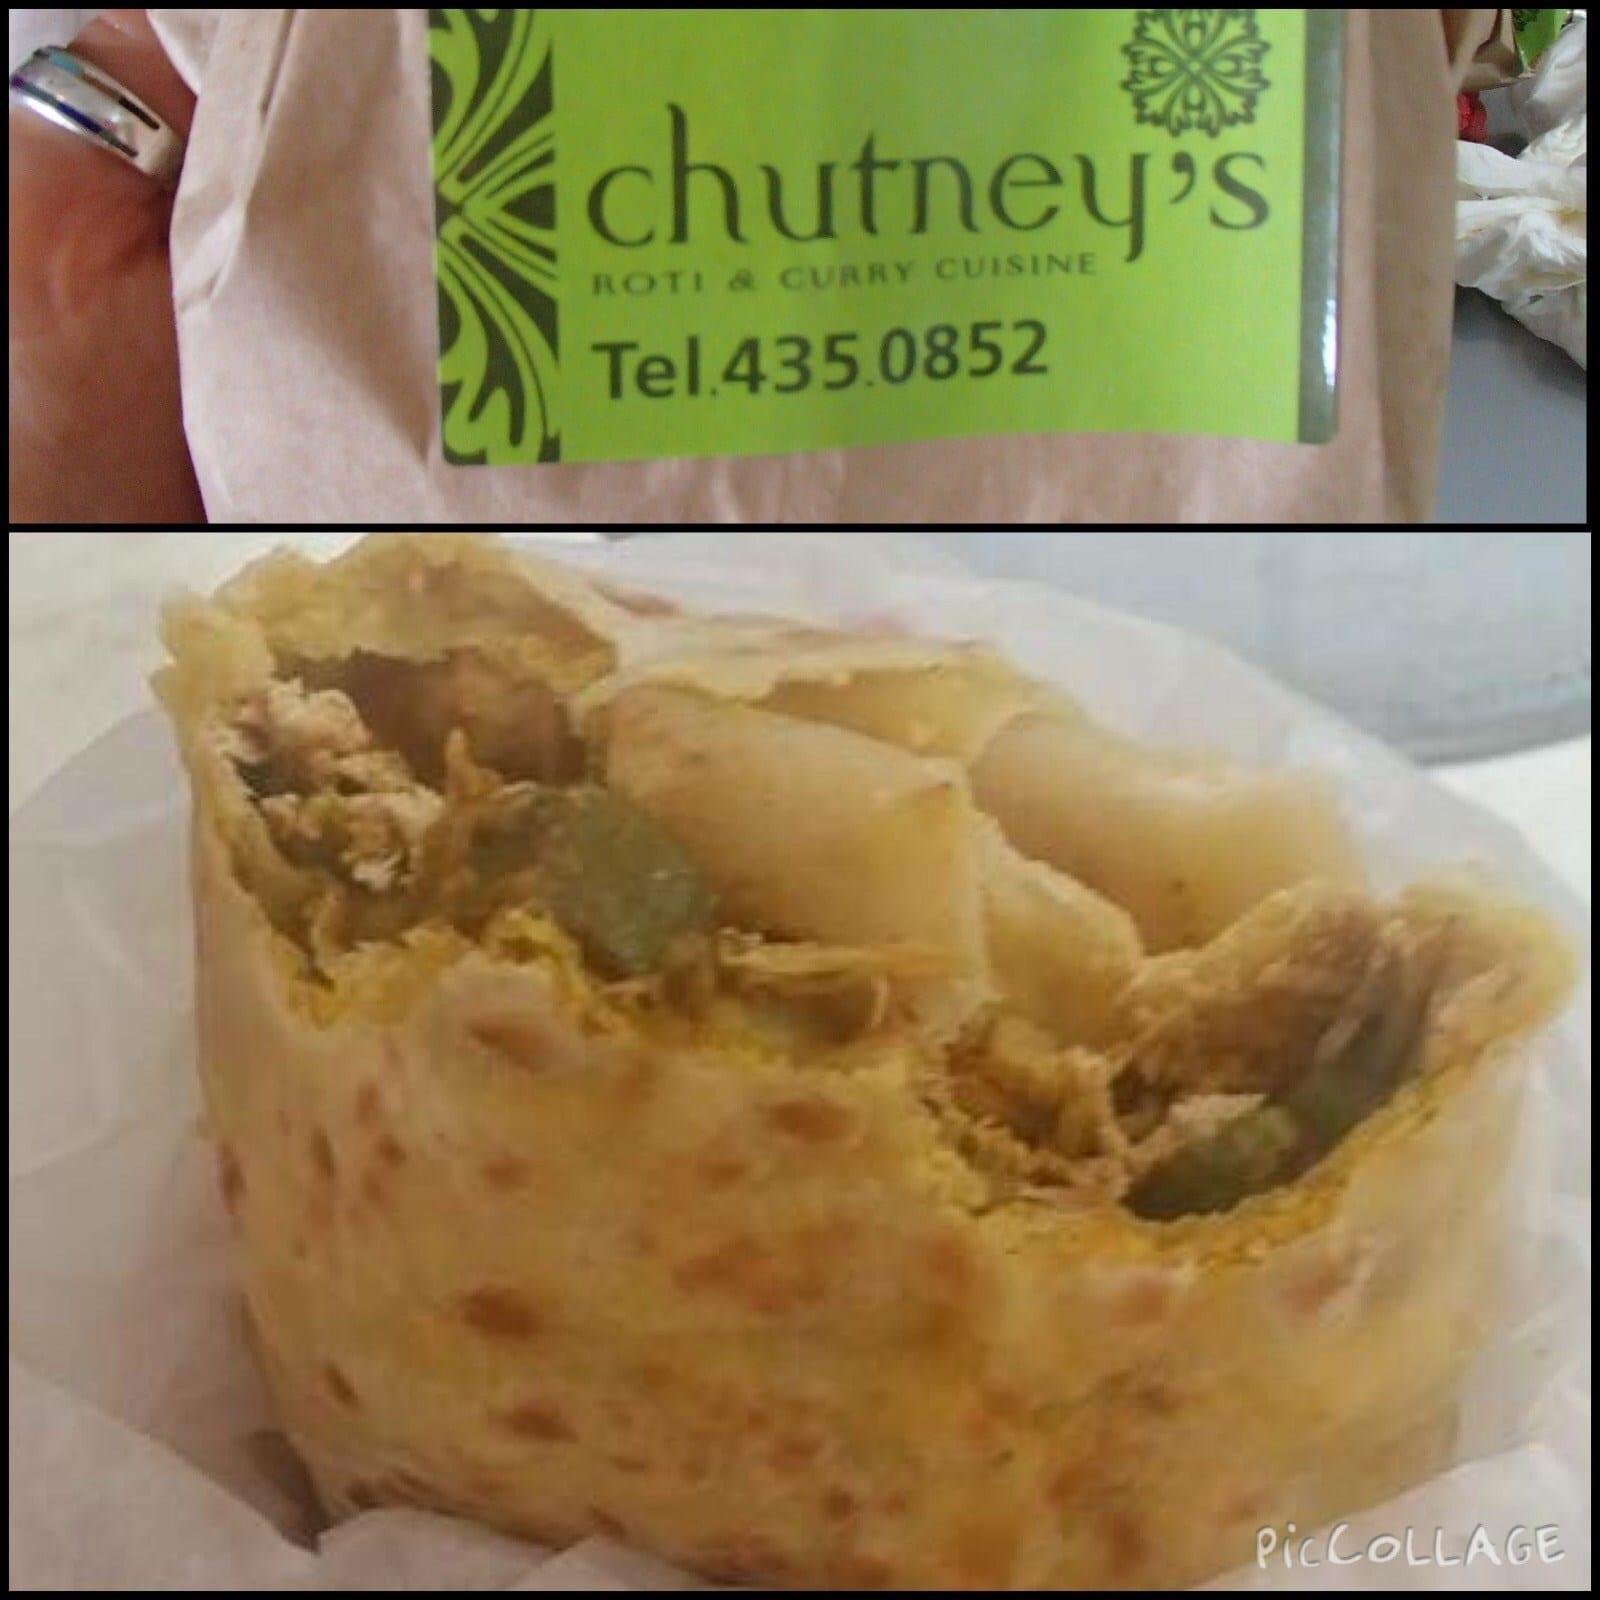 Barbados Roti Chutneys